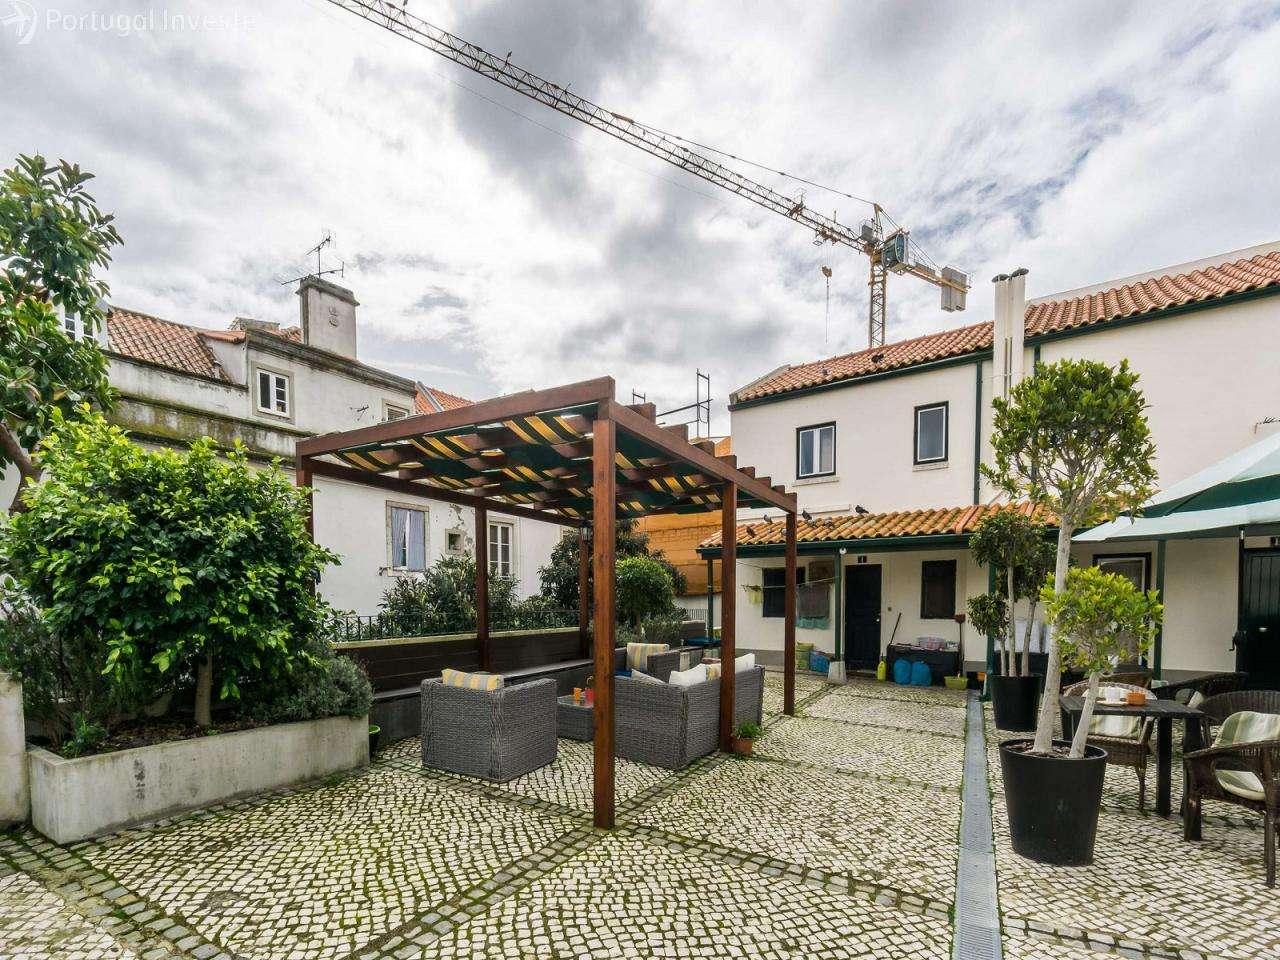 Apartamento para comprar, Santa Maria Maior, Lisboa - Foto 19